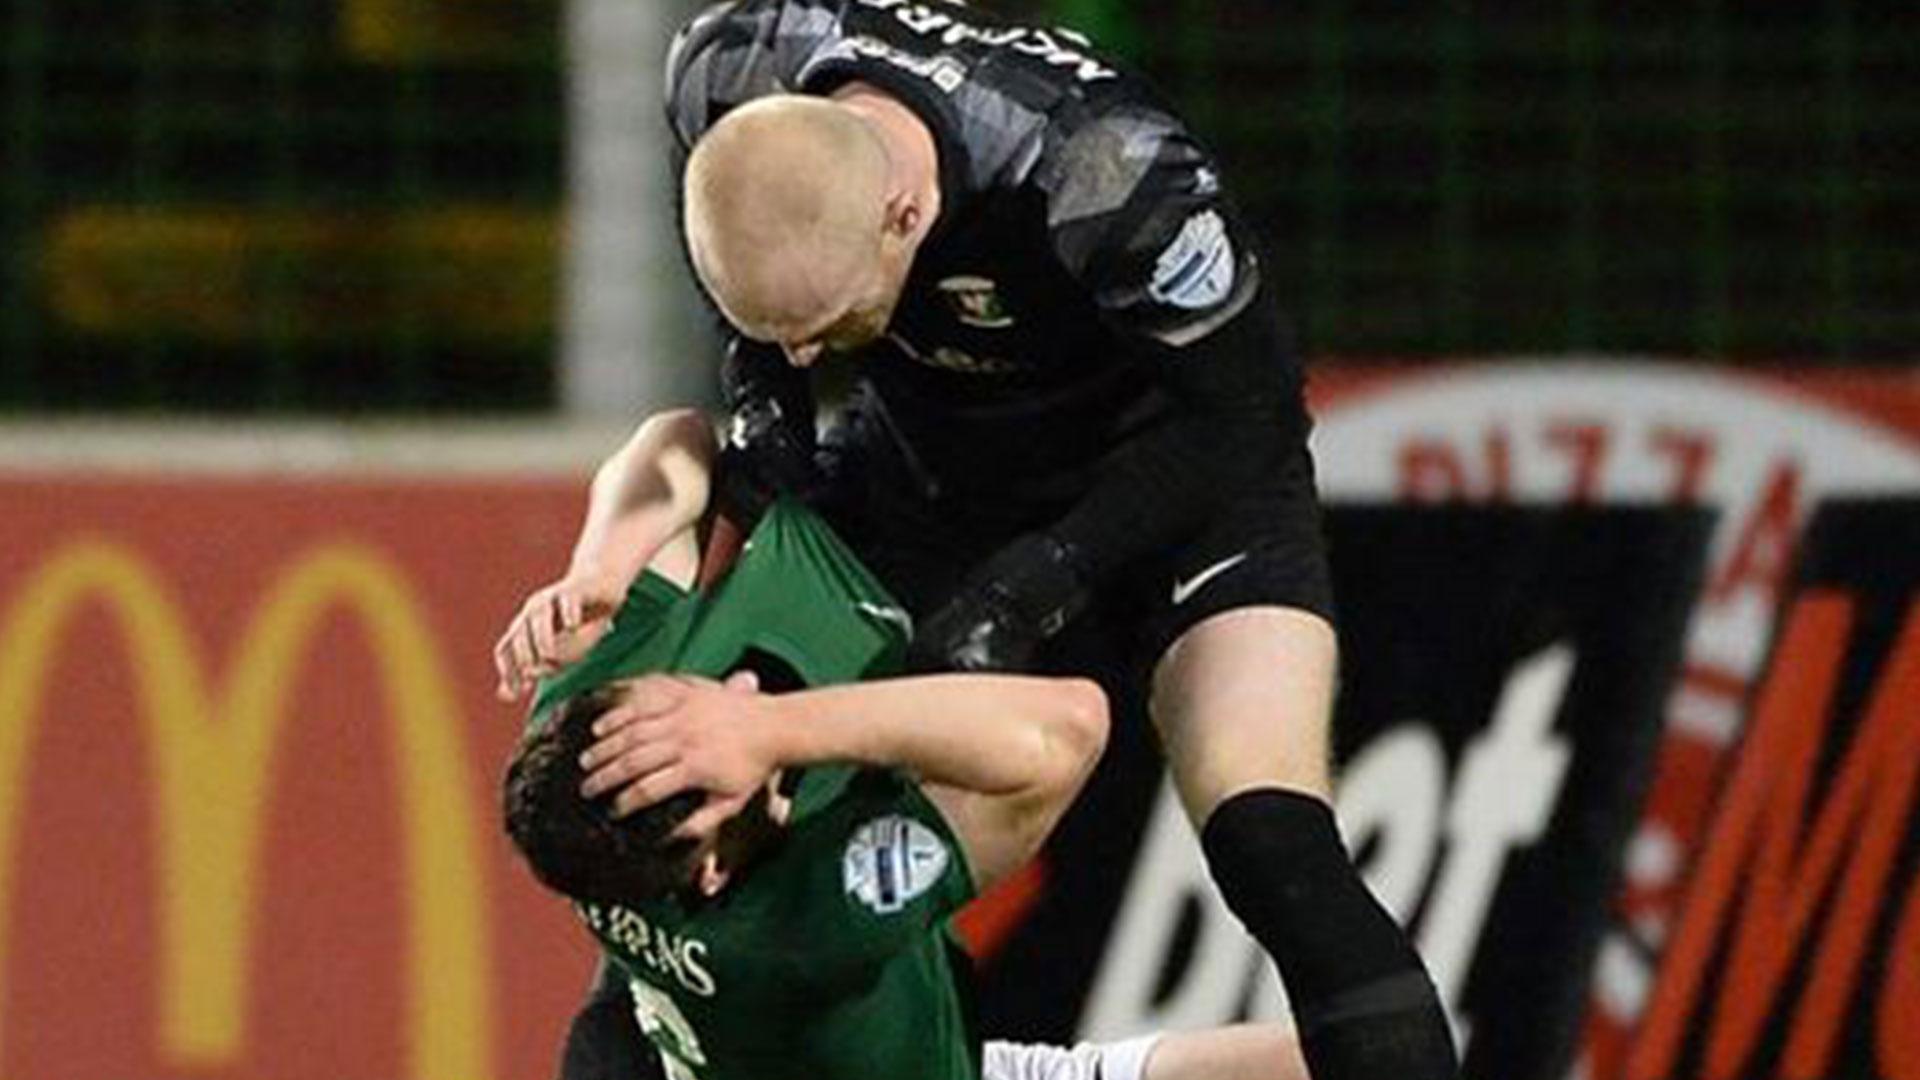 En Irlanda el portero culpó y noqueó a su compañero tras recibir gol contrario en los últimos minutos - Prensa Libre